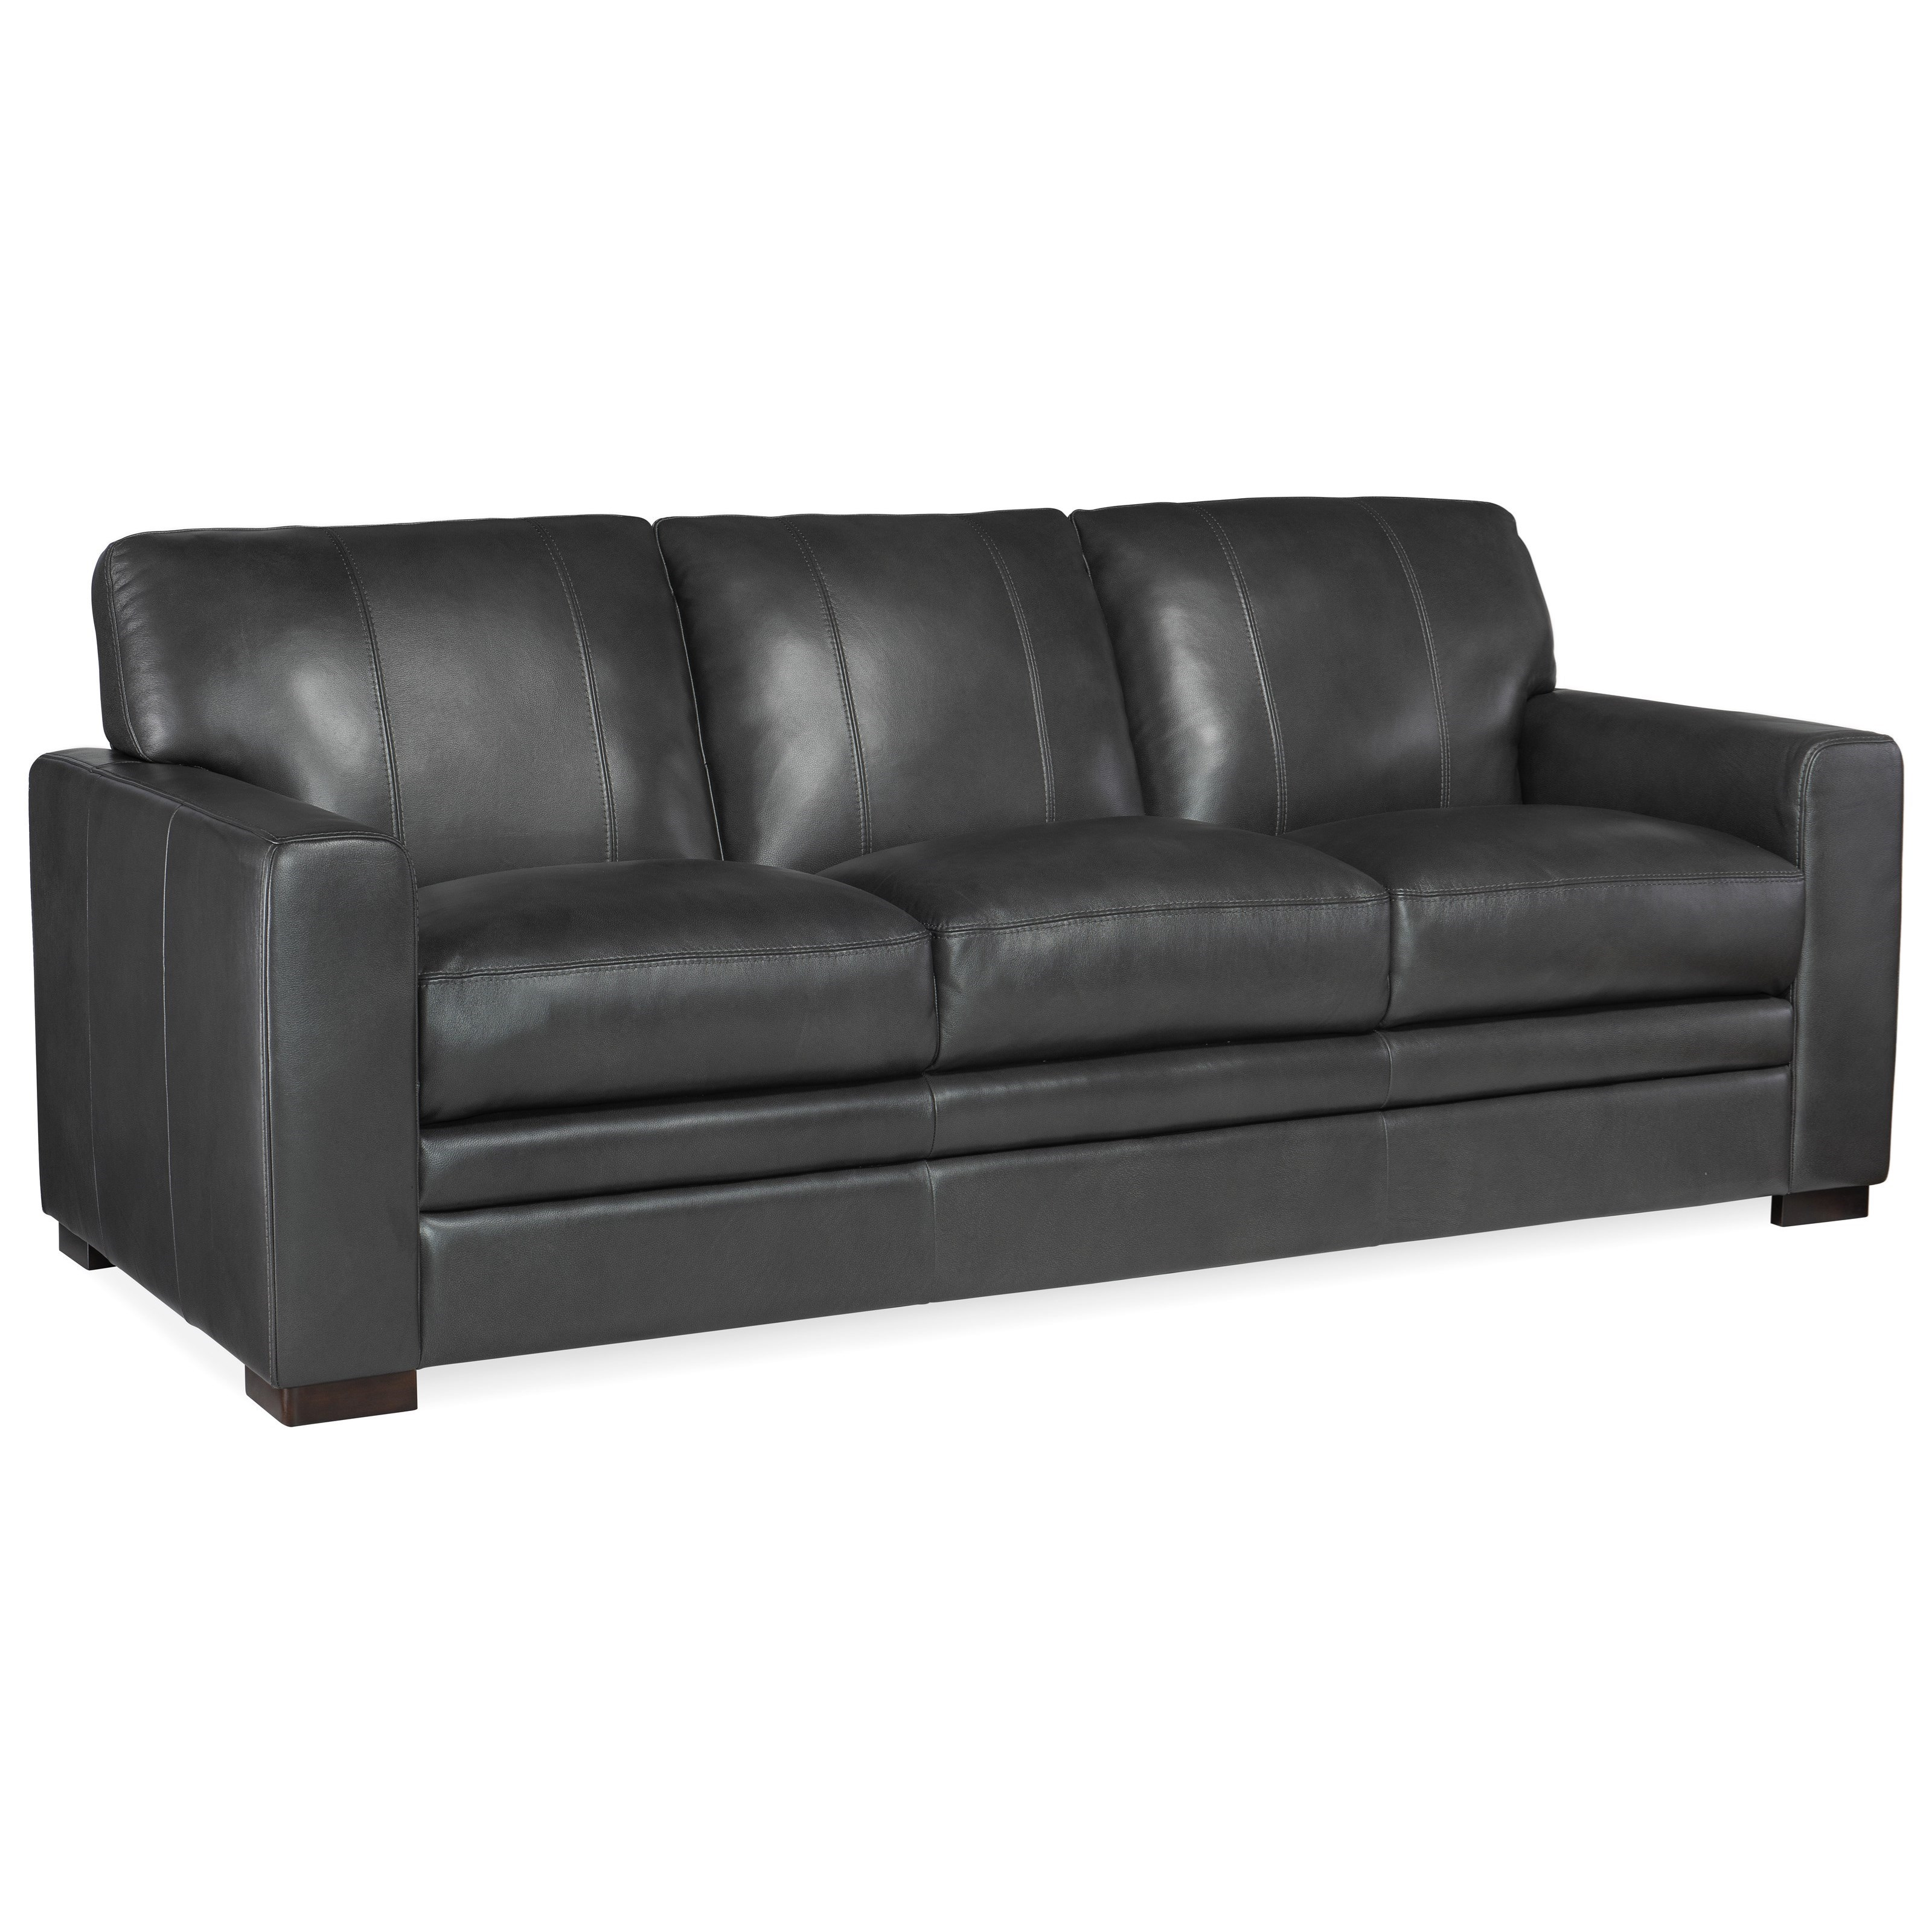 Larkin Stationary Sofa by Hooker Furniture at Baer's Furniture